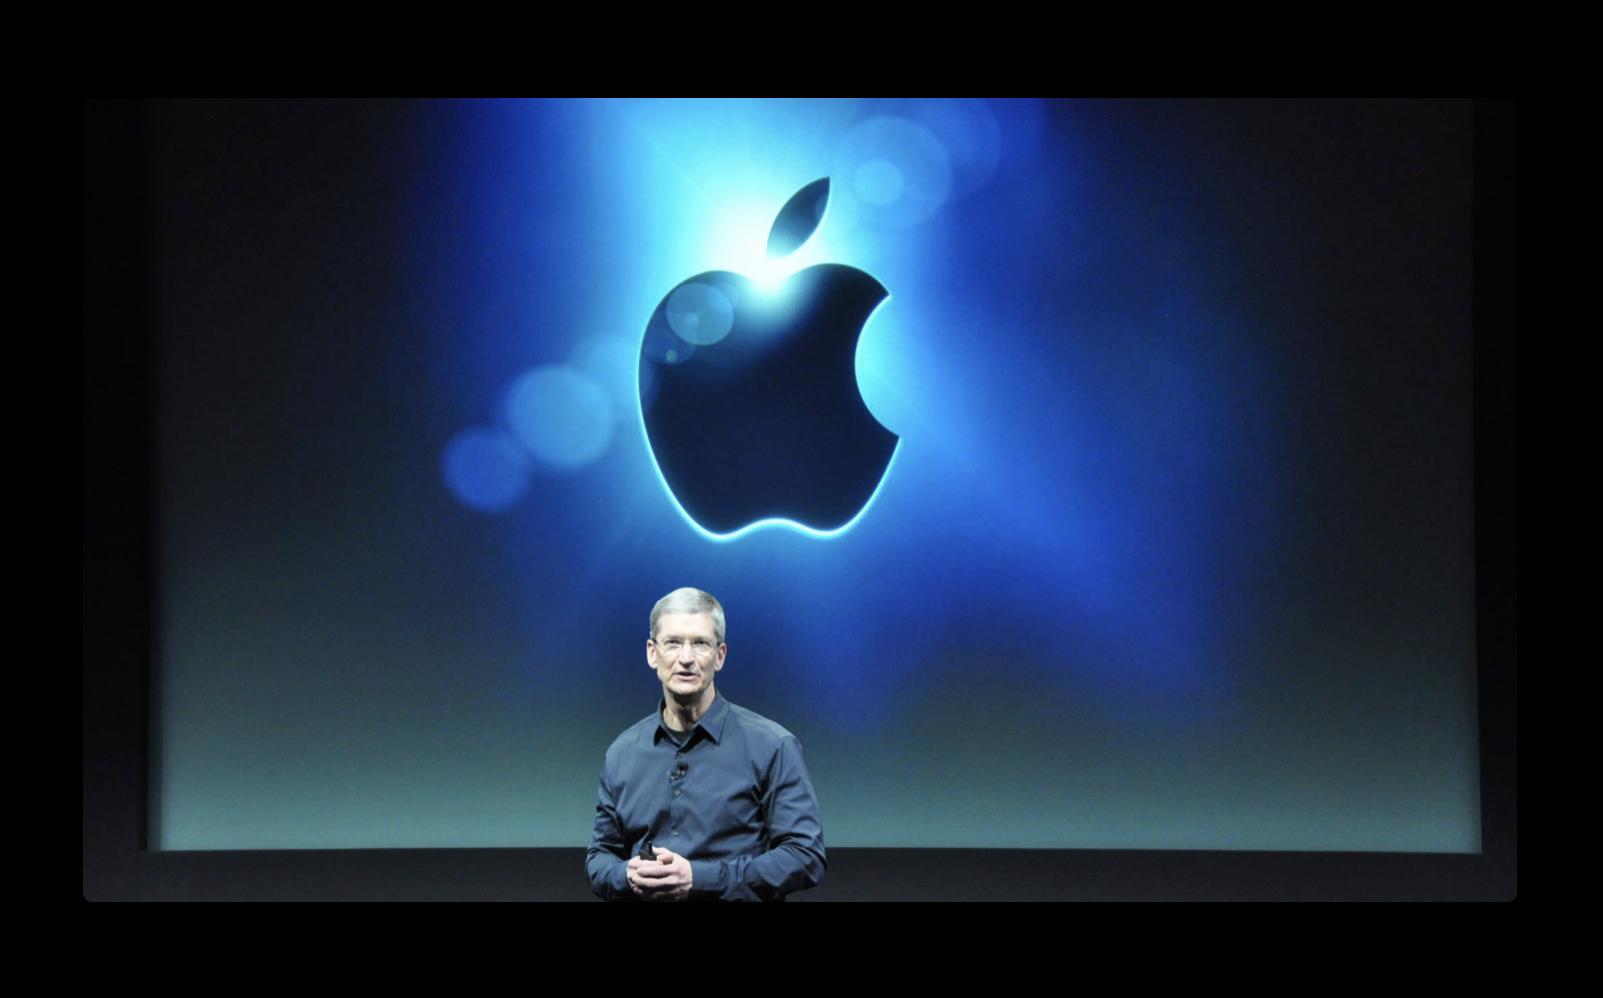 アナリストによると、Apple(AAPL)は今後12ヶ月で40%増となる?